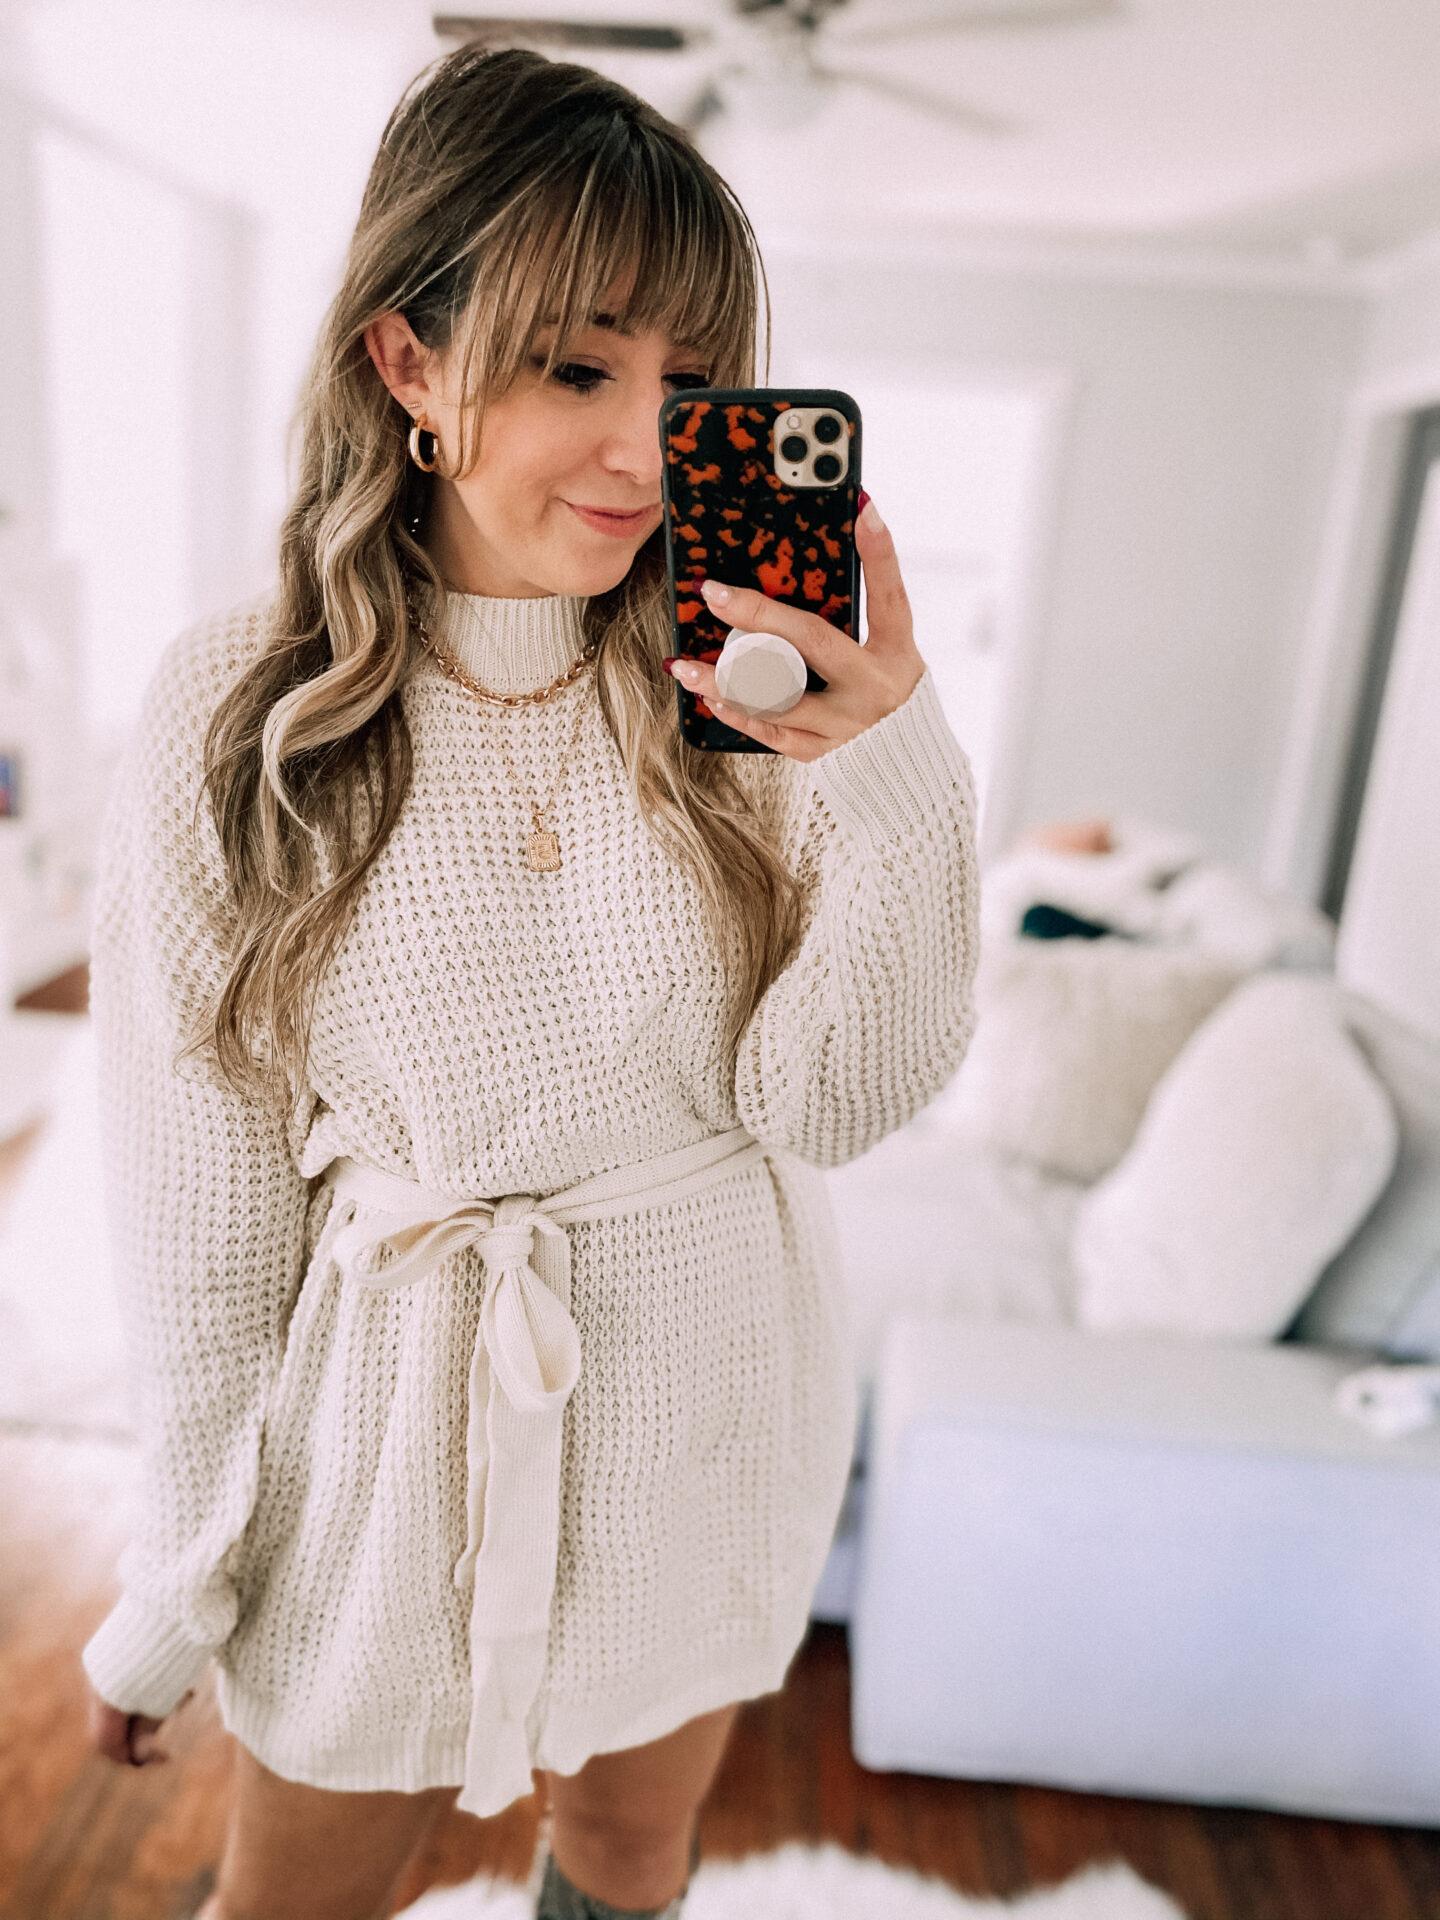 waffleknit sweaterdress from amazon